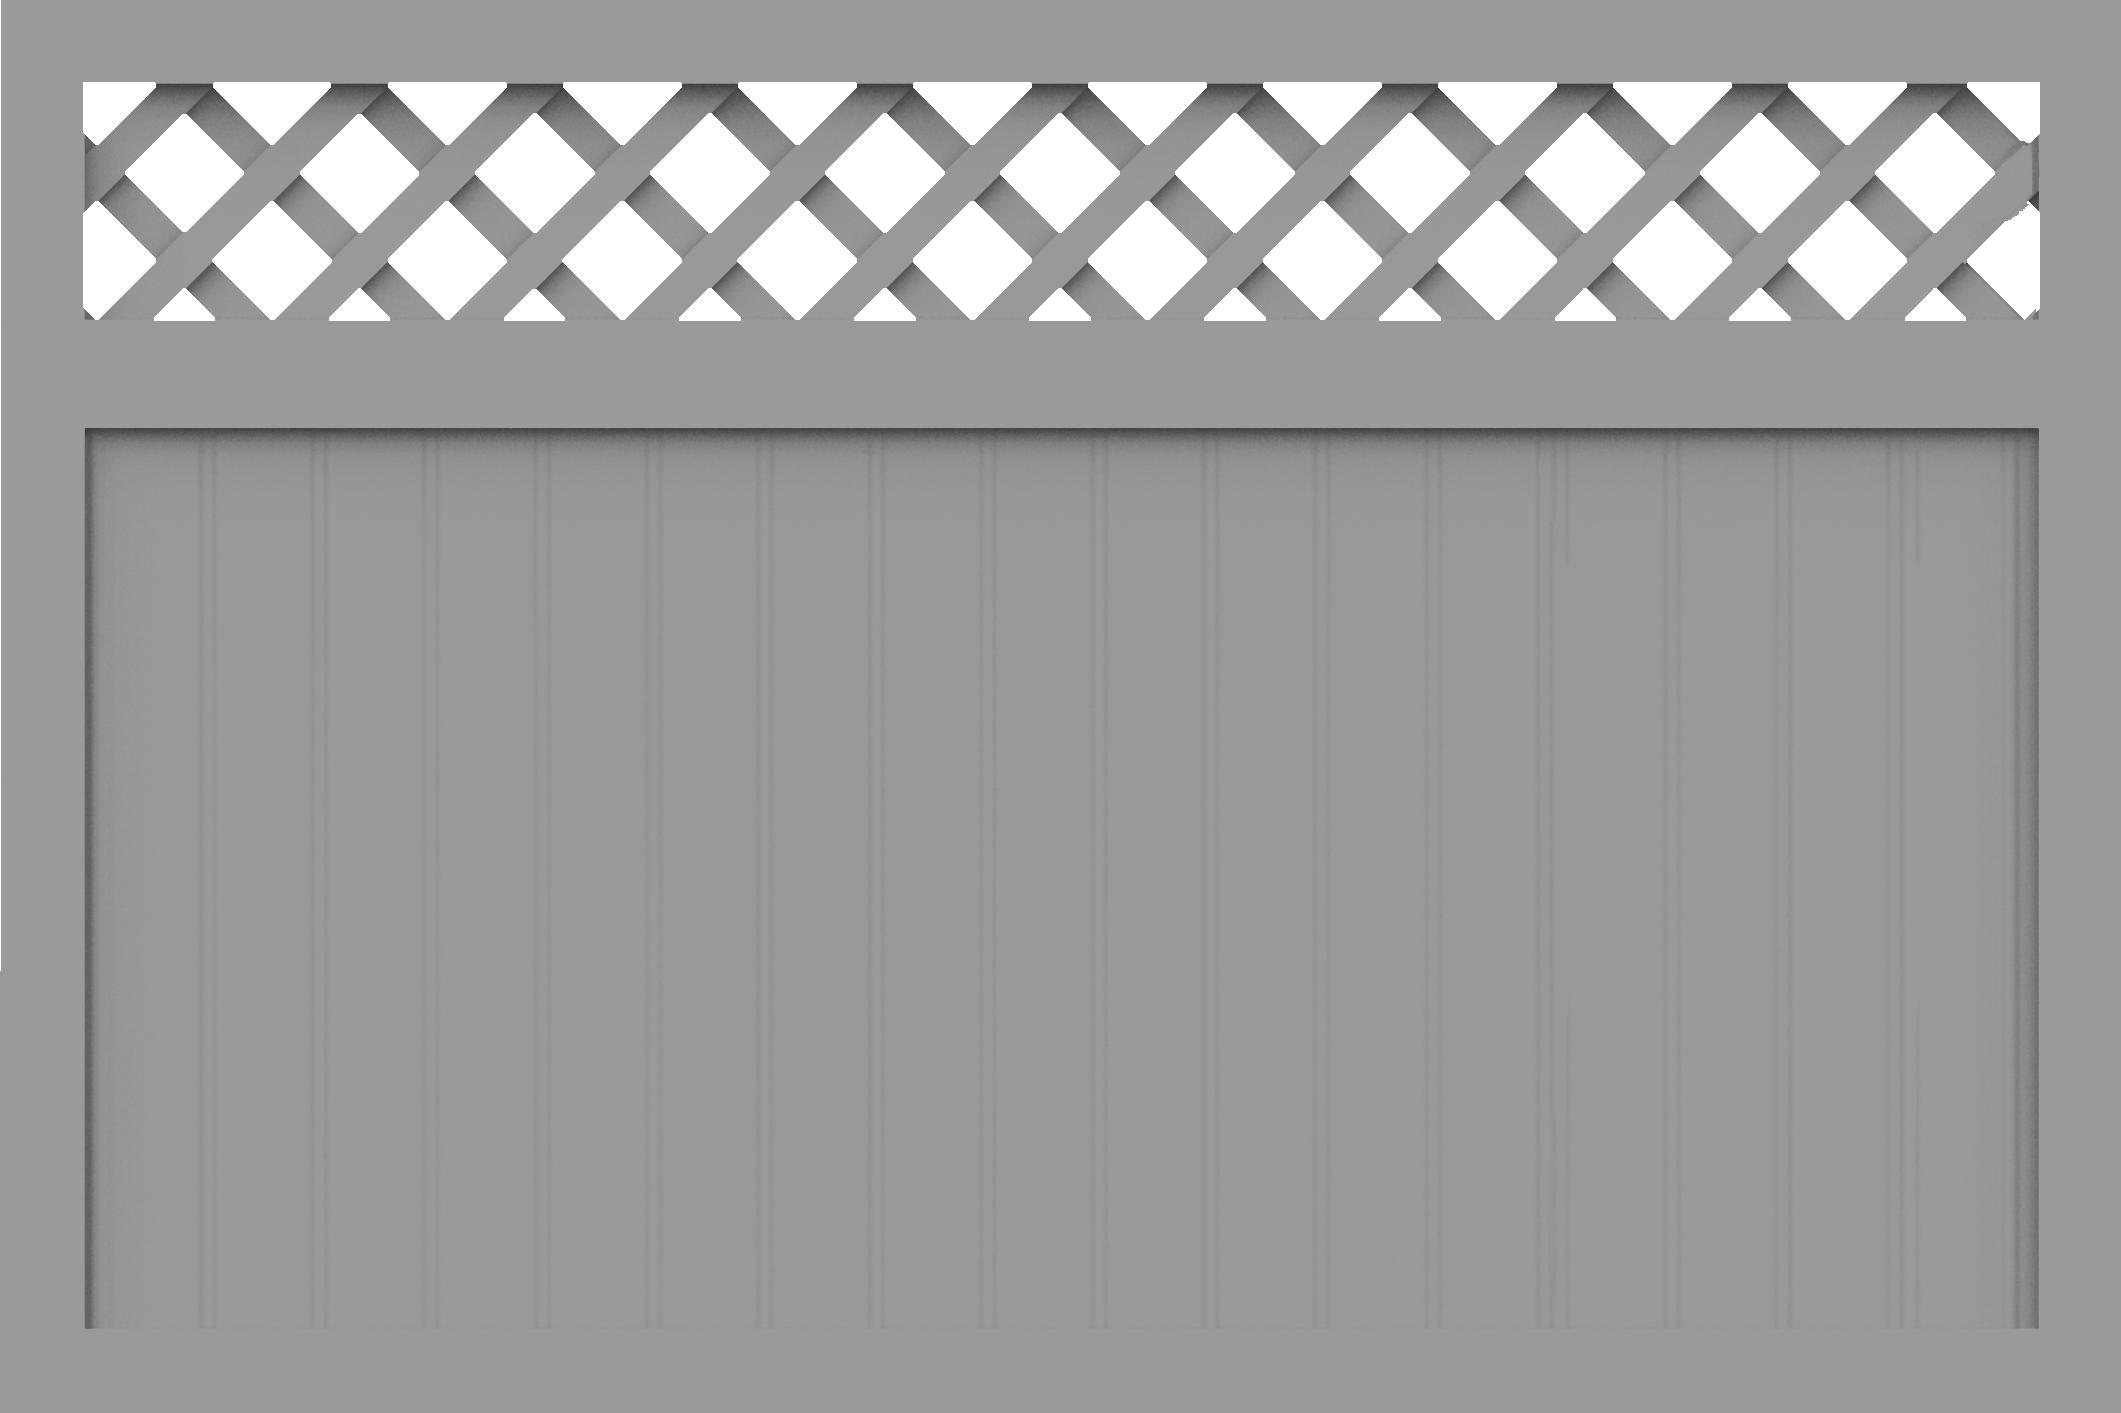 basicline sichtschutz typ n 180 silbergrau 180x120 z une sichtschutzelemente im onlineshop. Black Bedroom Furniture Sets. Home Design Ideas